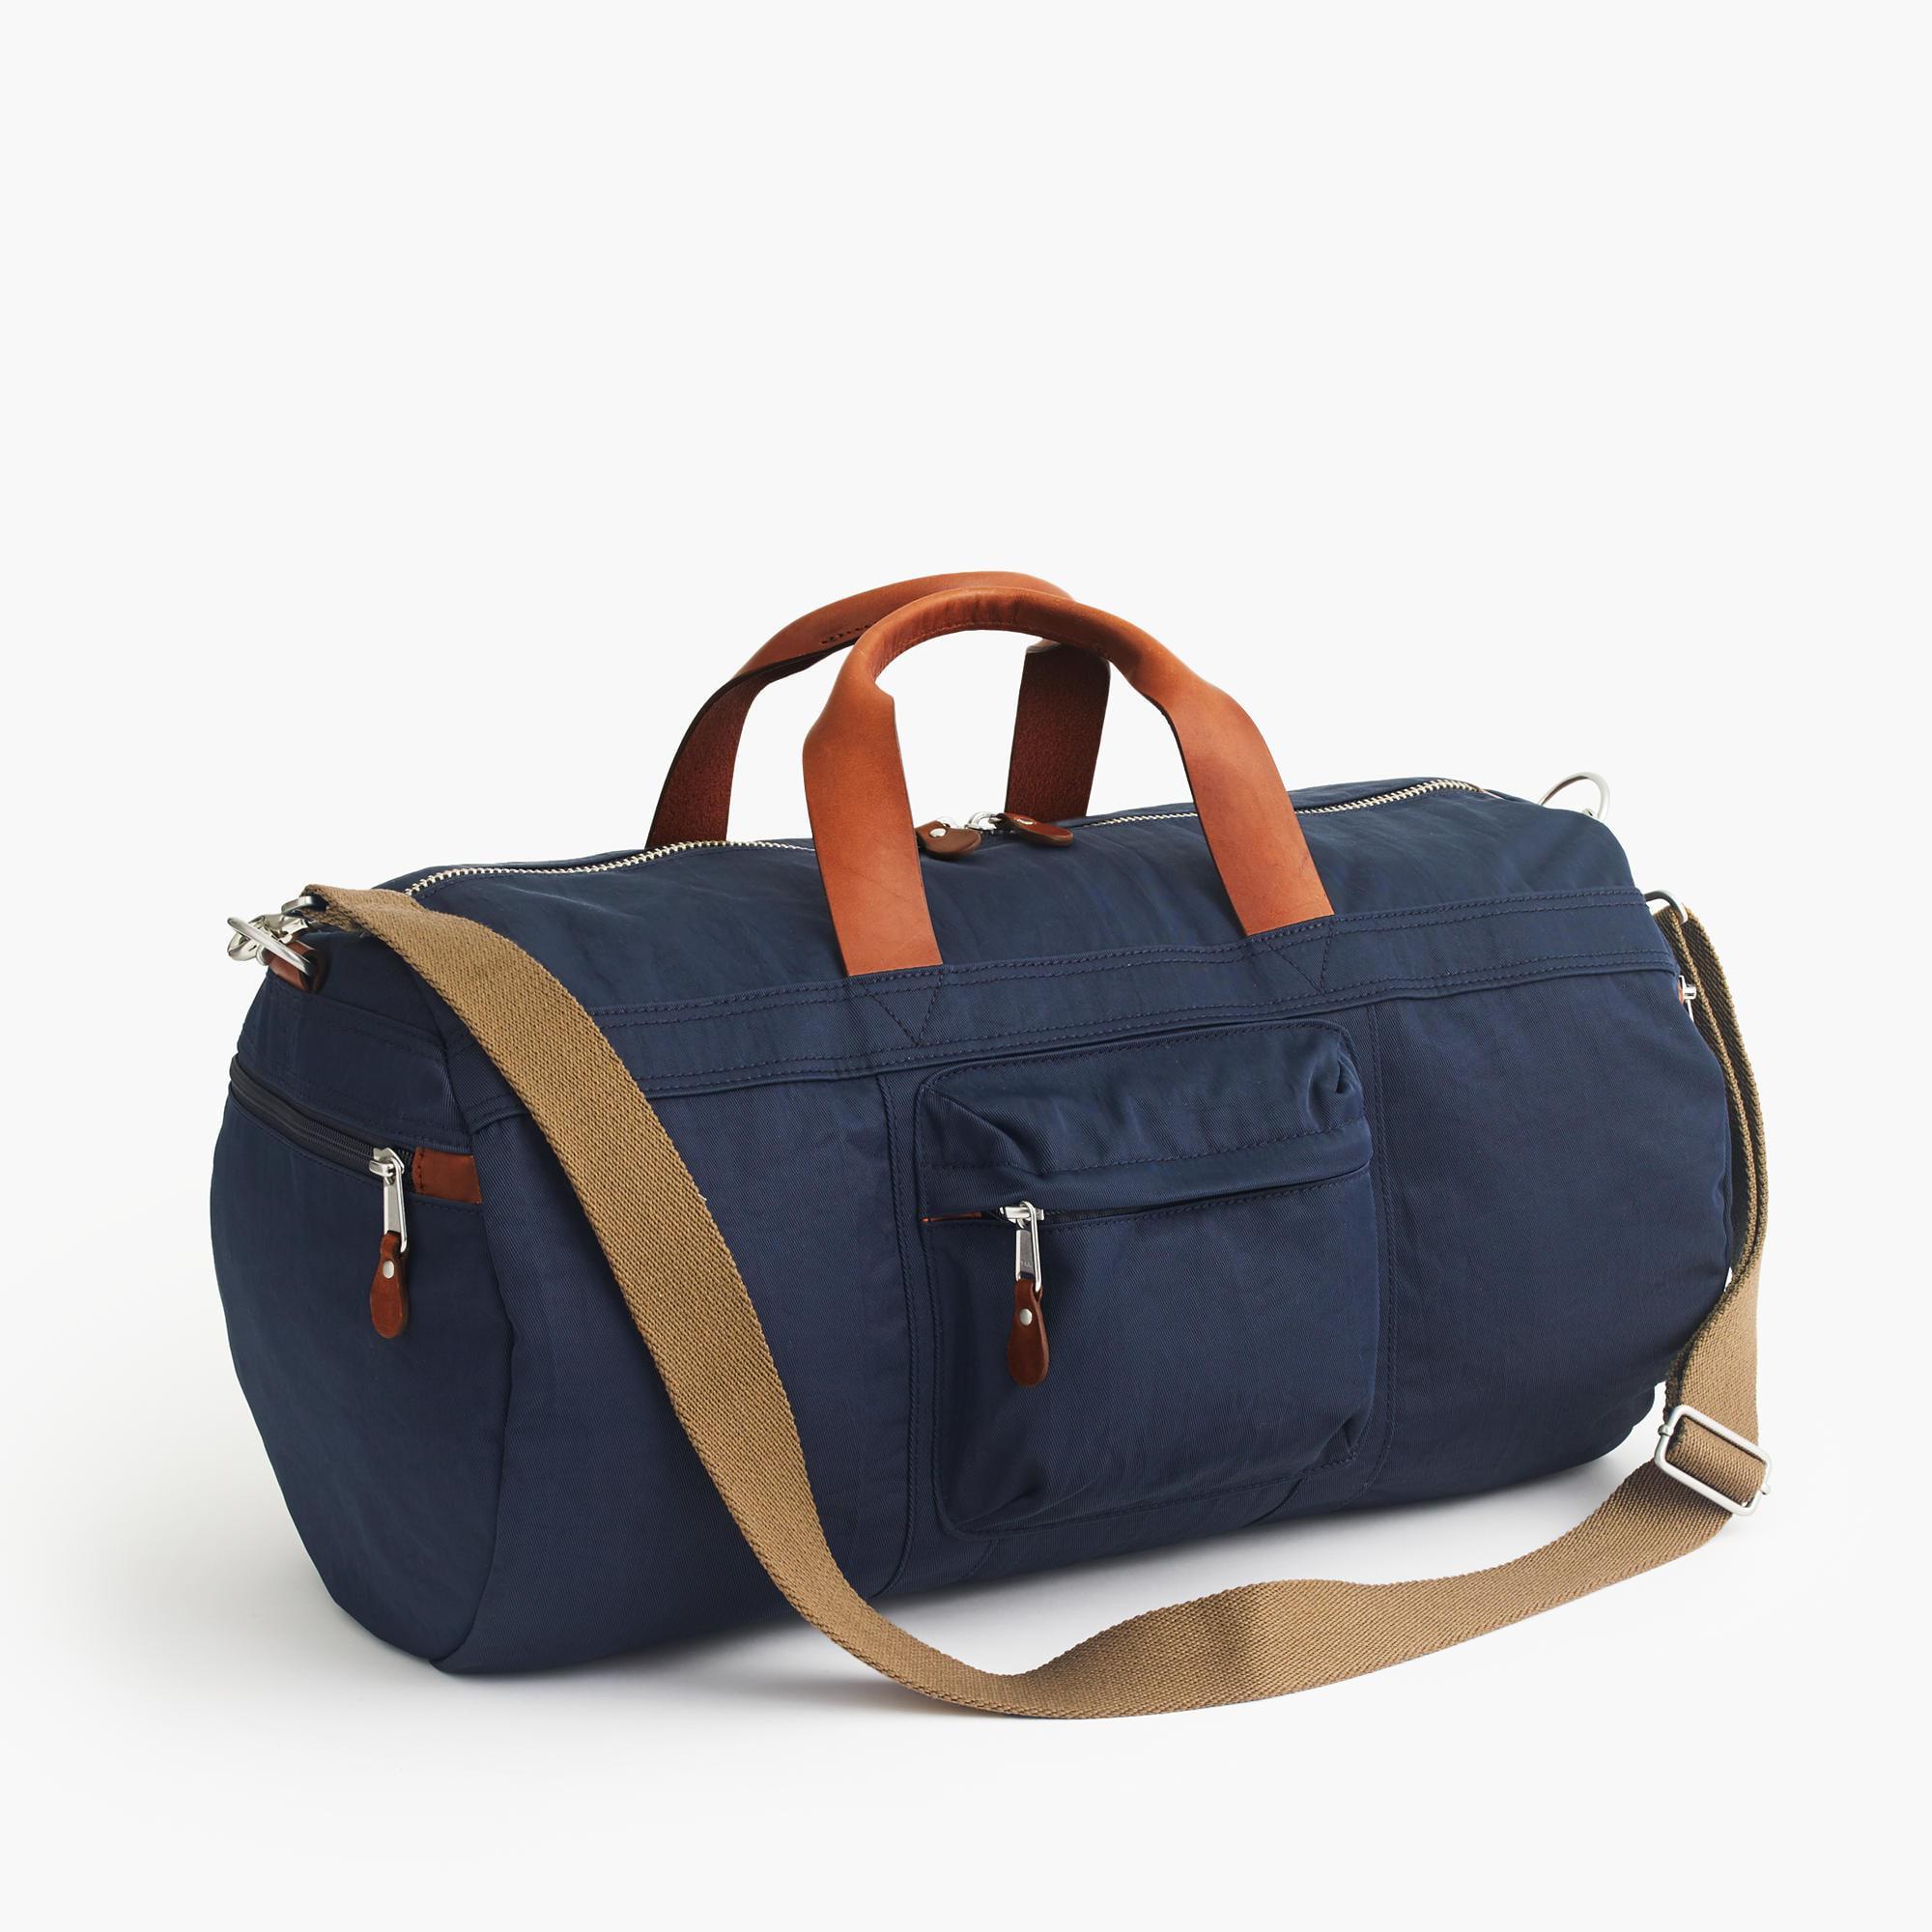 J.crew Harwick Duffel Bag in Blue for Men